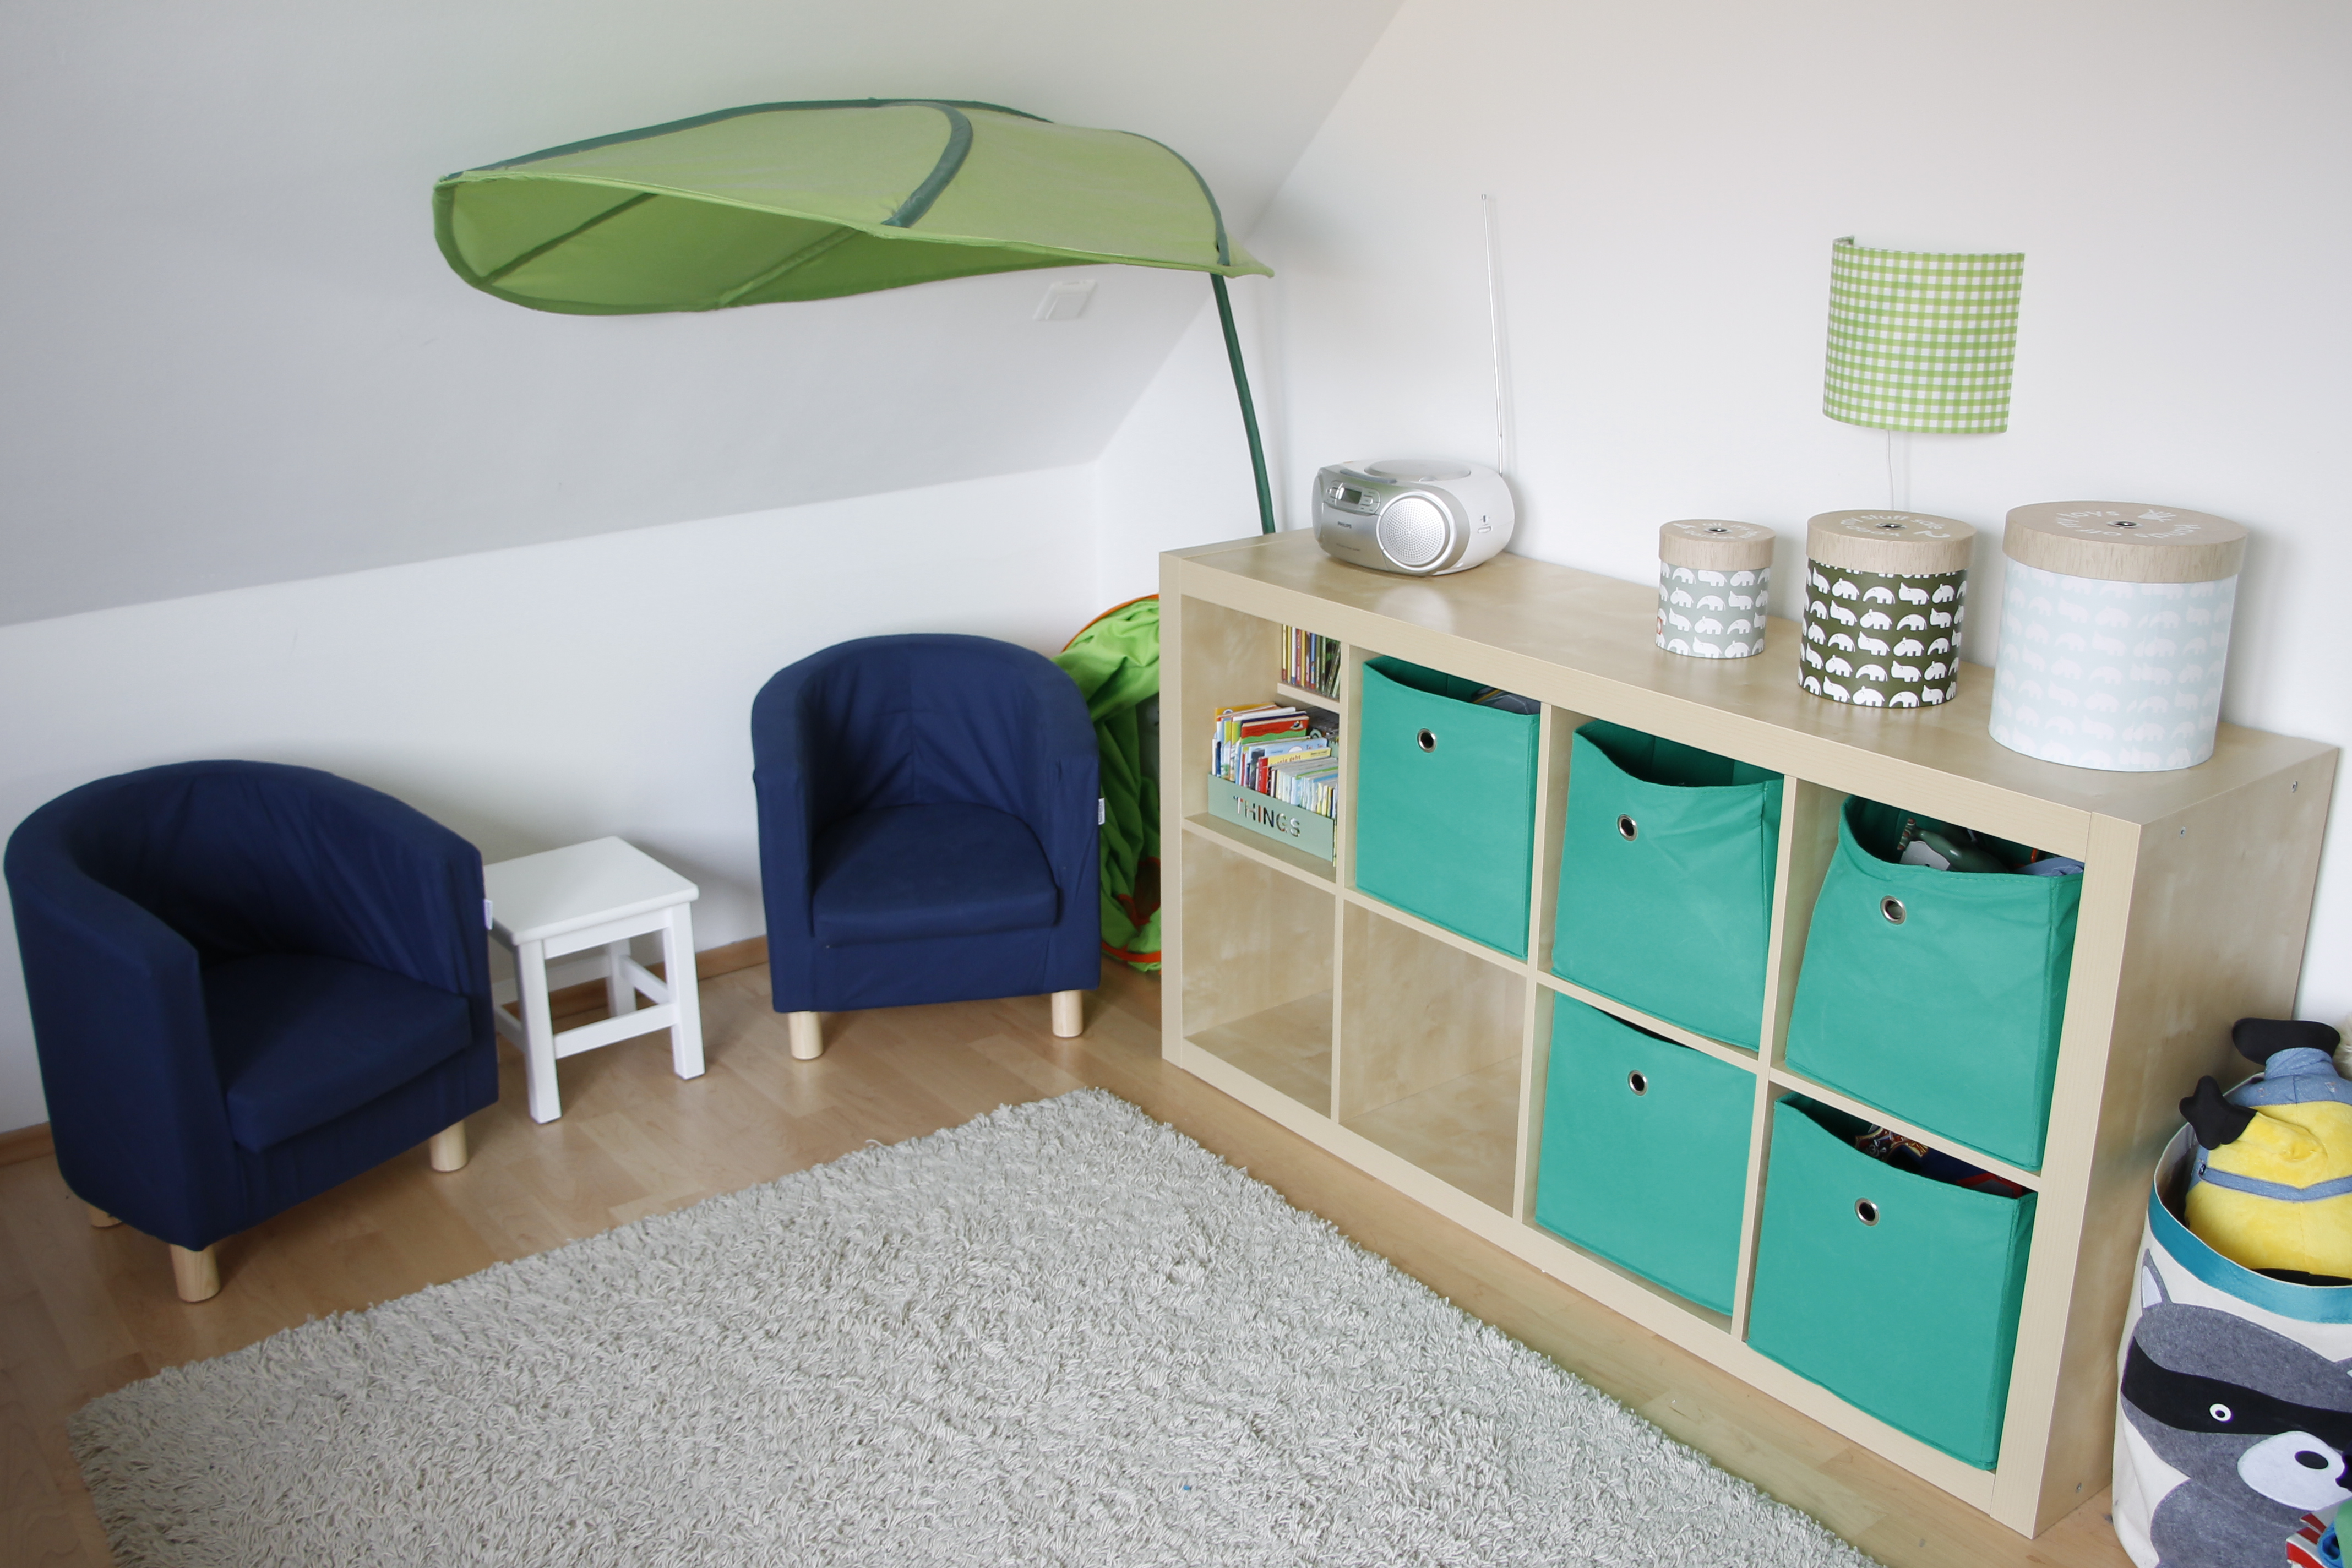 bilder von niedrigen decke im wohnzimmer mit balken. Black Bedroom Furniture Sets. Home Design Ideas